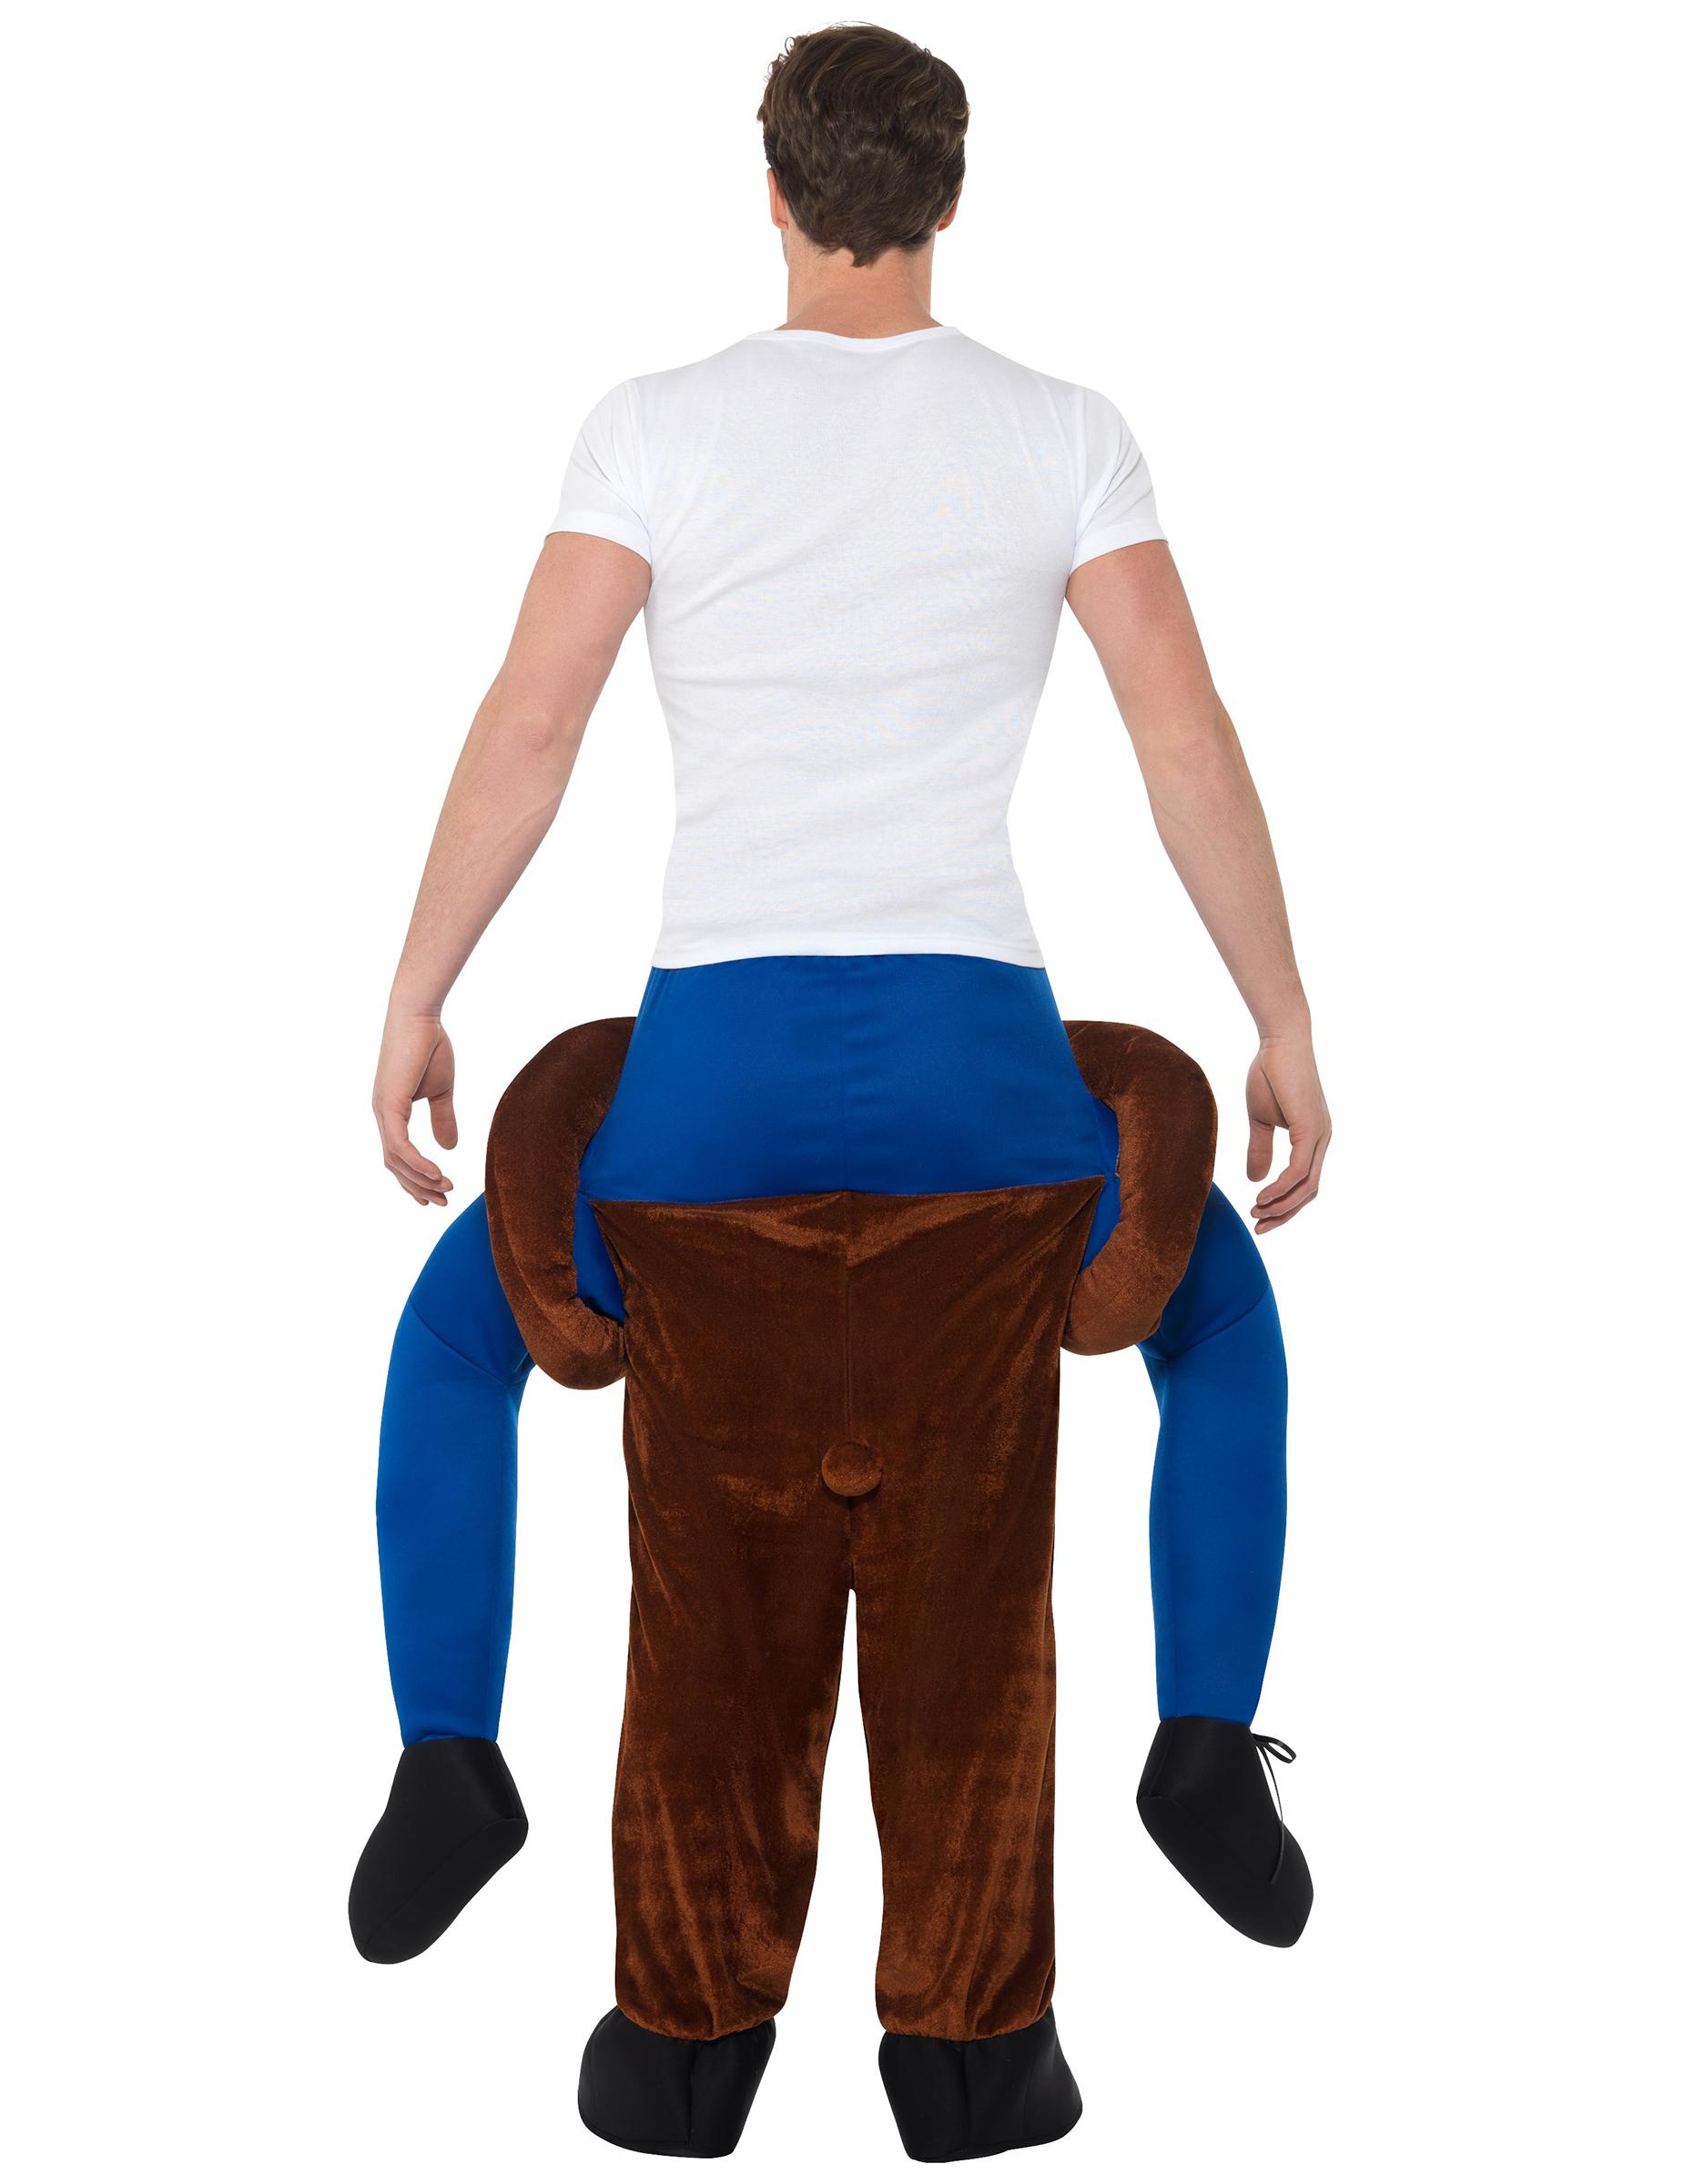 d guisement homme dos d 39 ours adulte deguise toi achat de d guisements adultes. Black Bedroom Furniture Sets. Home Design Ideas